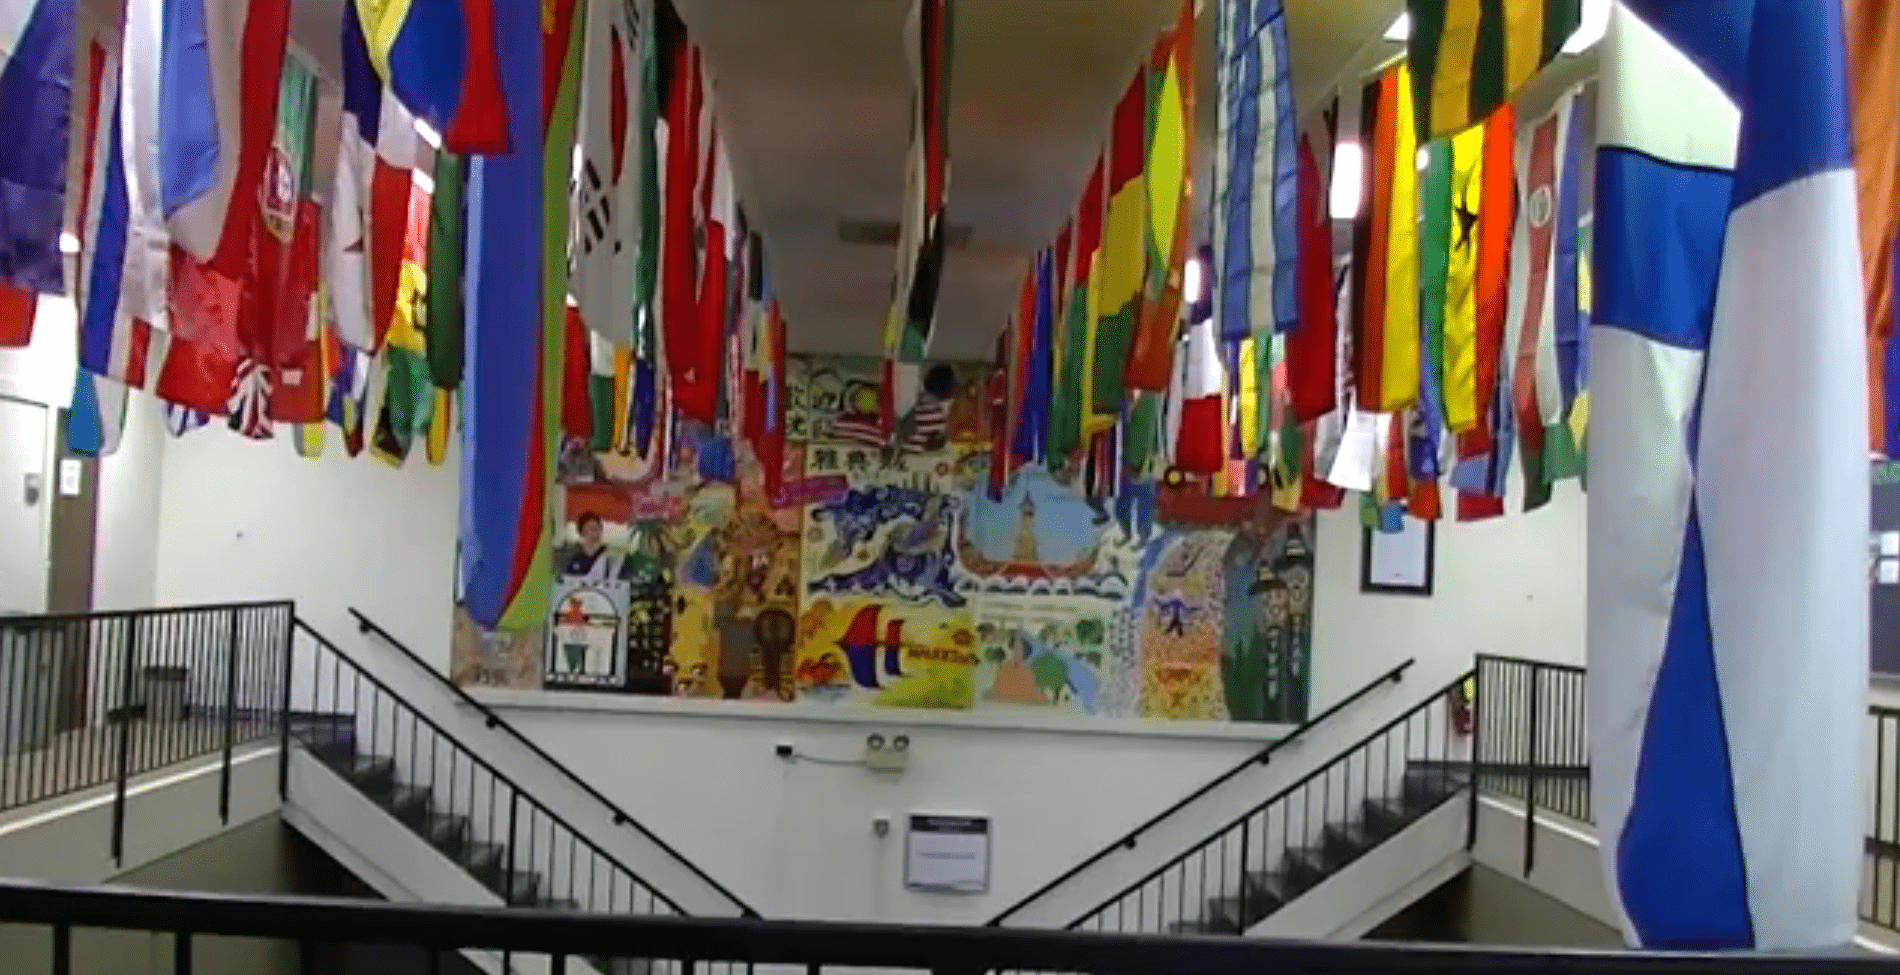 UGA Hindu Students want Holiday